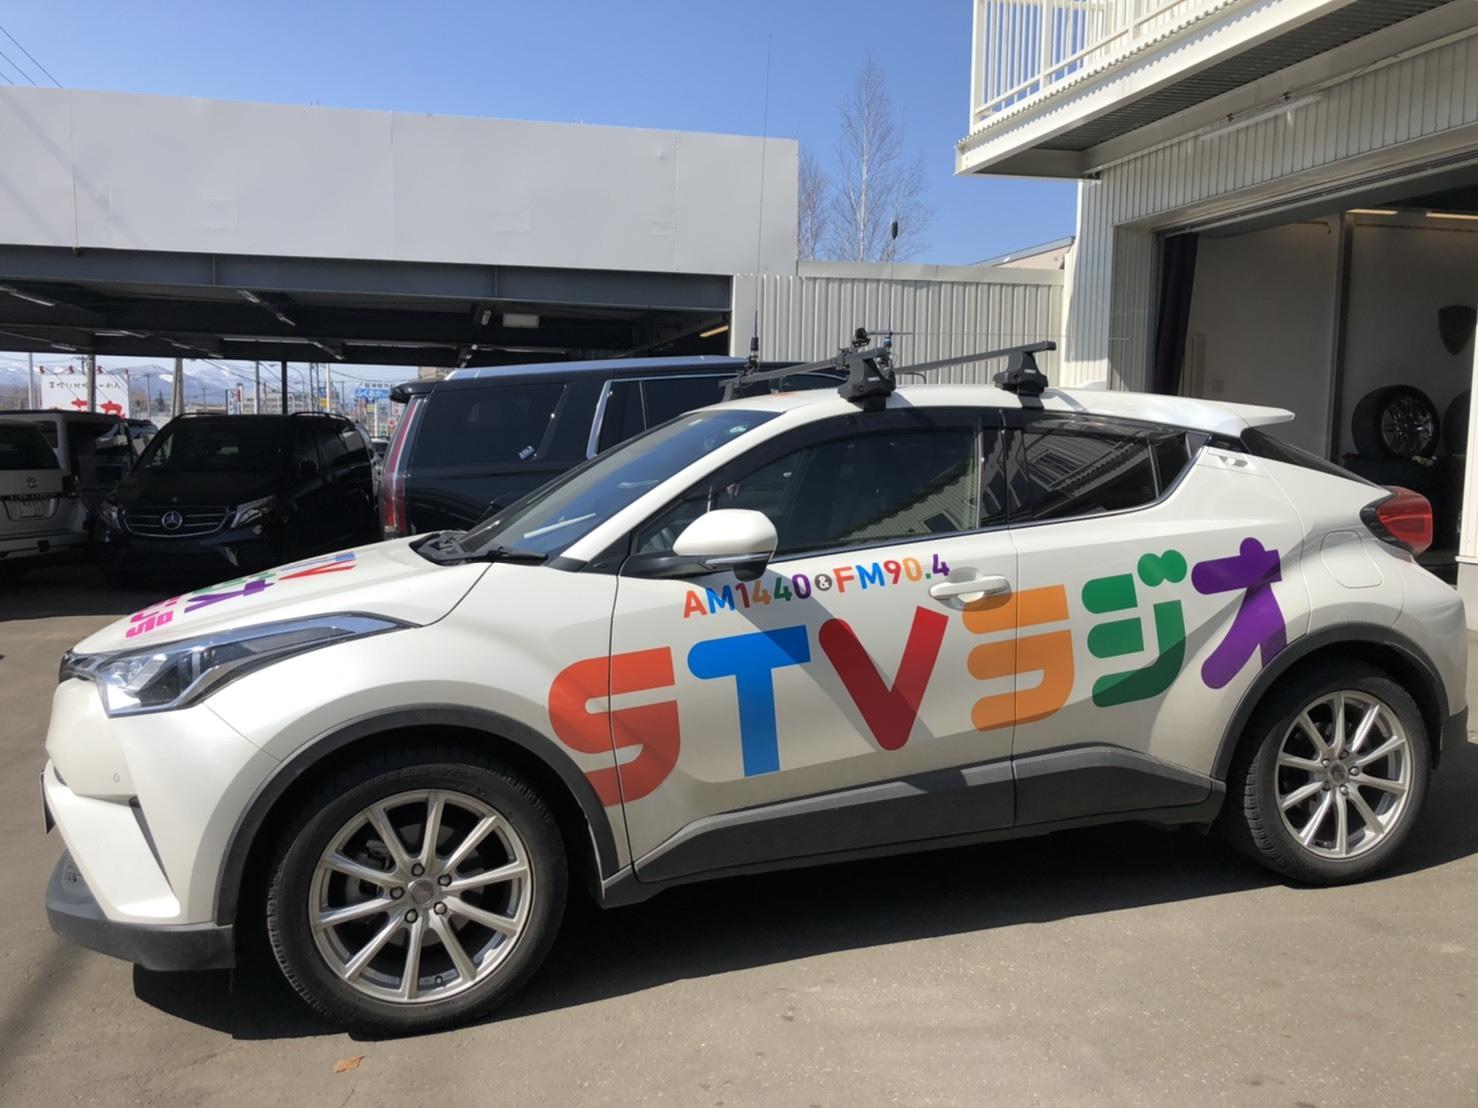 3月31日(火) 本店ブログ♪平成29年式 アウディTT Sクーペ 4WDあります☆彡_b0127002_19070367.jpg